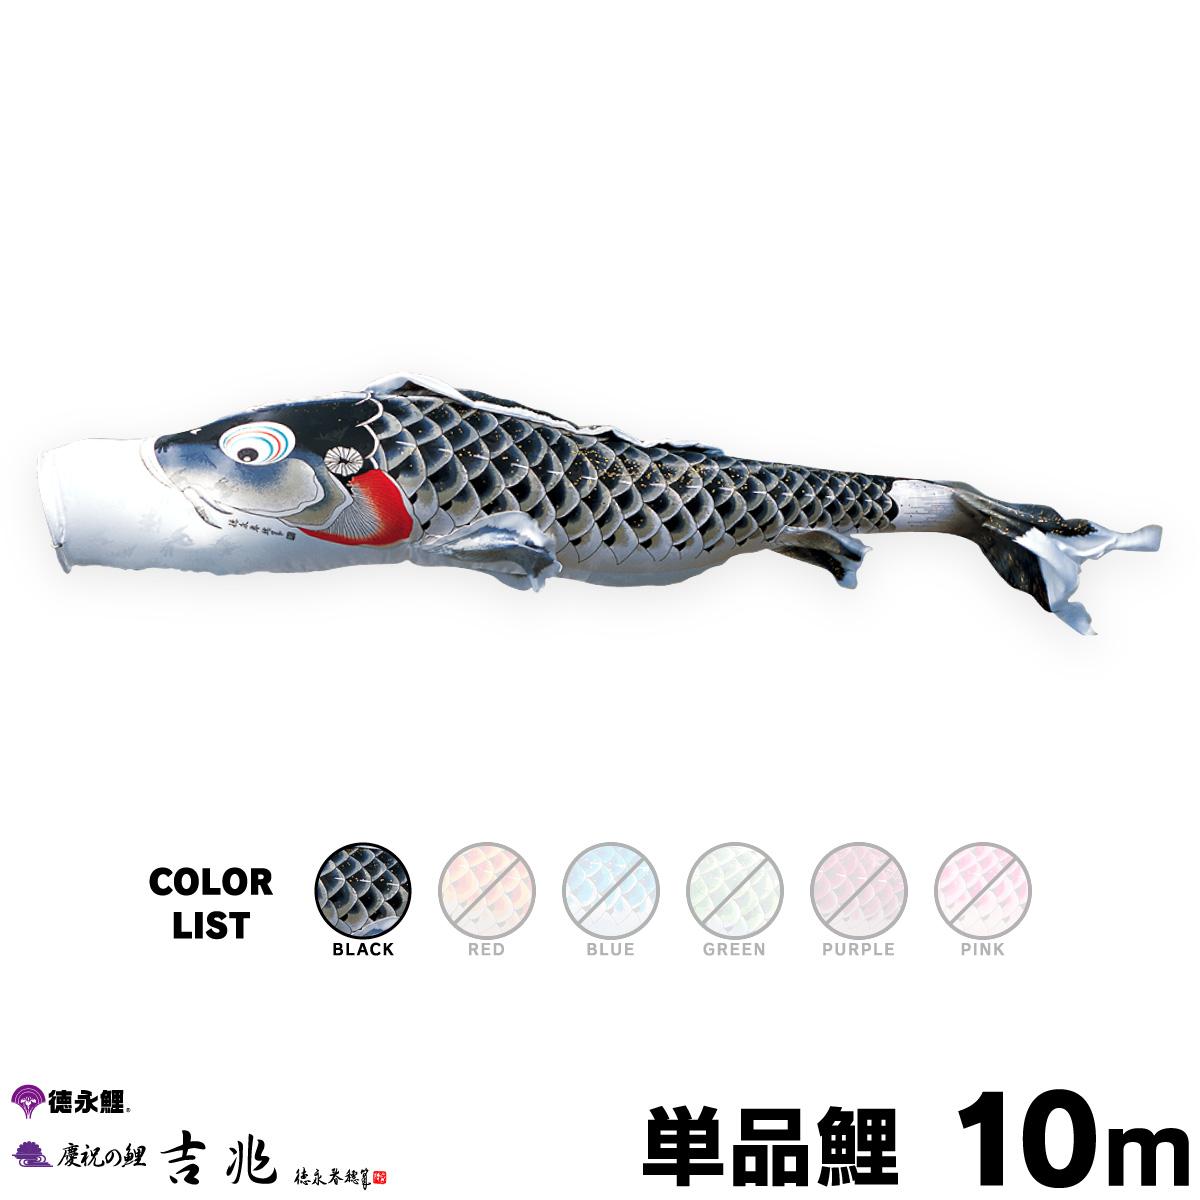 【こいのぼり 単品】 吉兆鯉 10m 単品鯉 黒